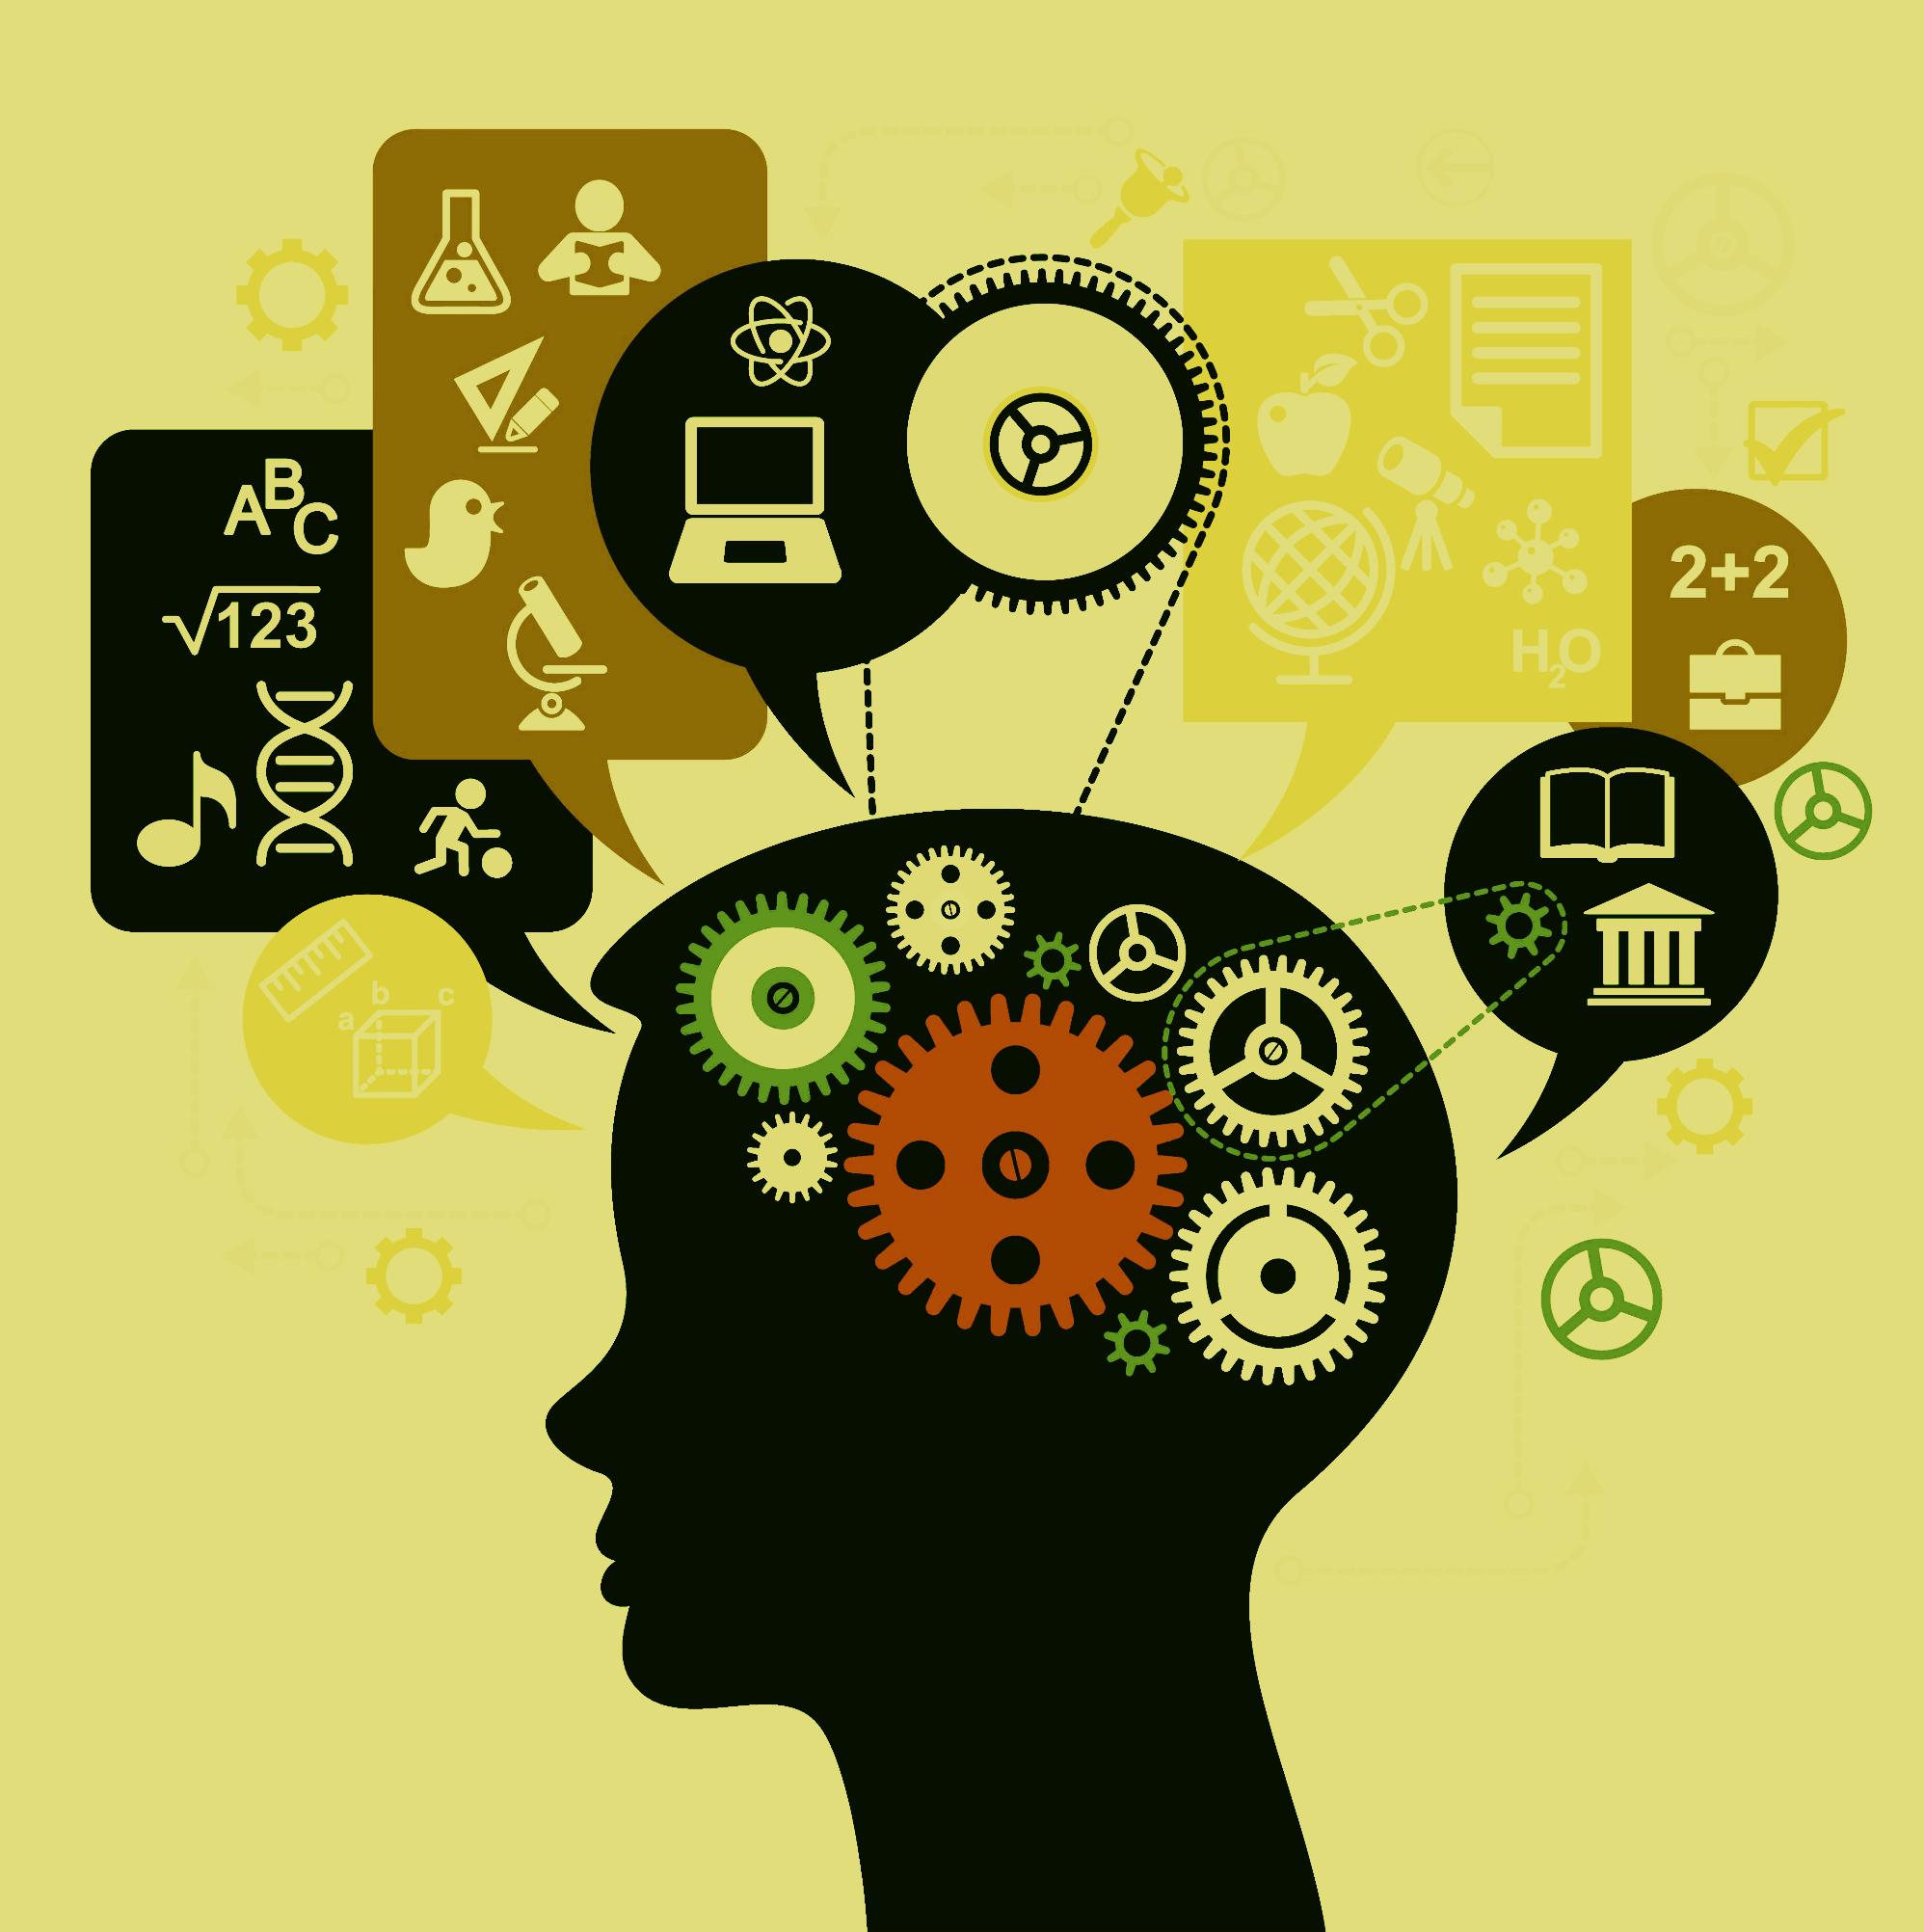 Наука. Основные особенности научного мышления. Естественные и социально-гуманитарные науки